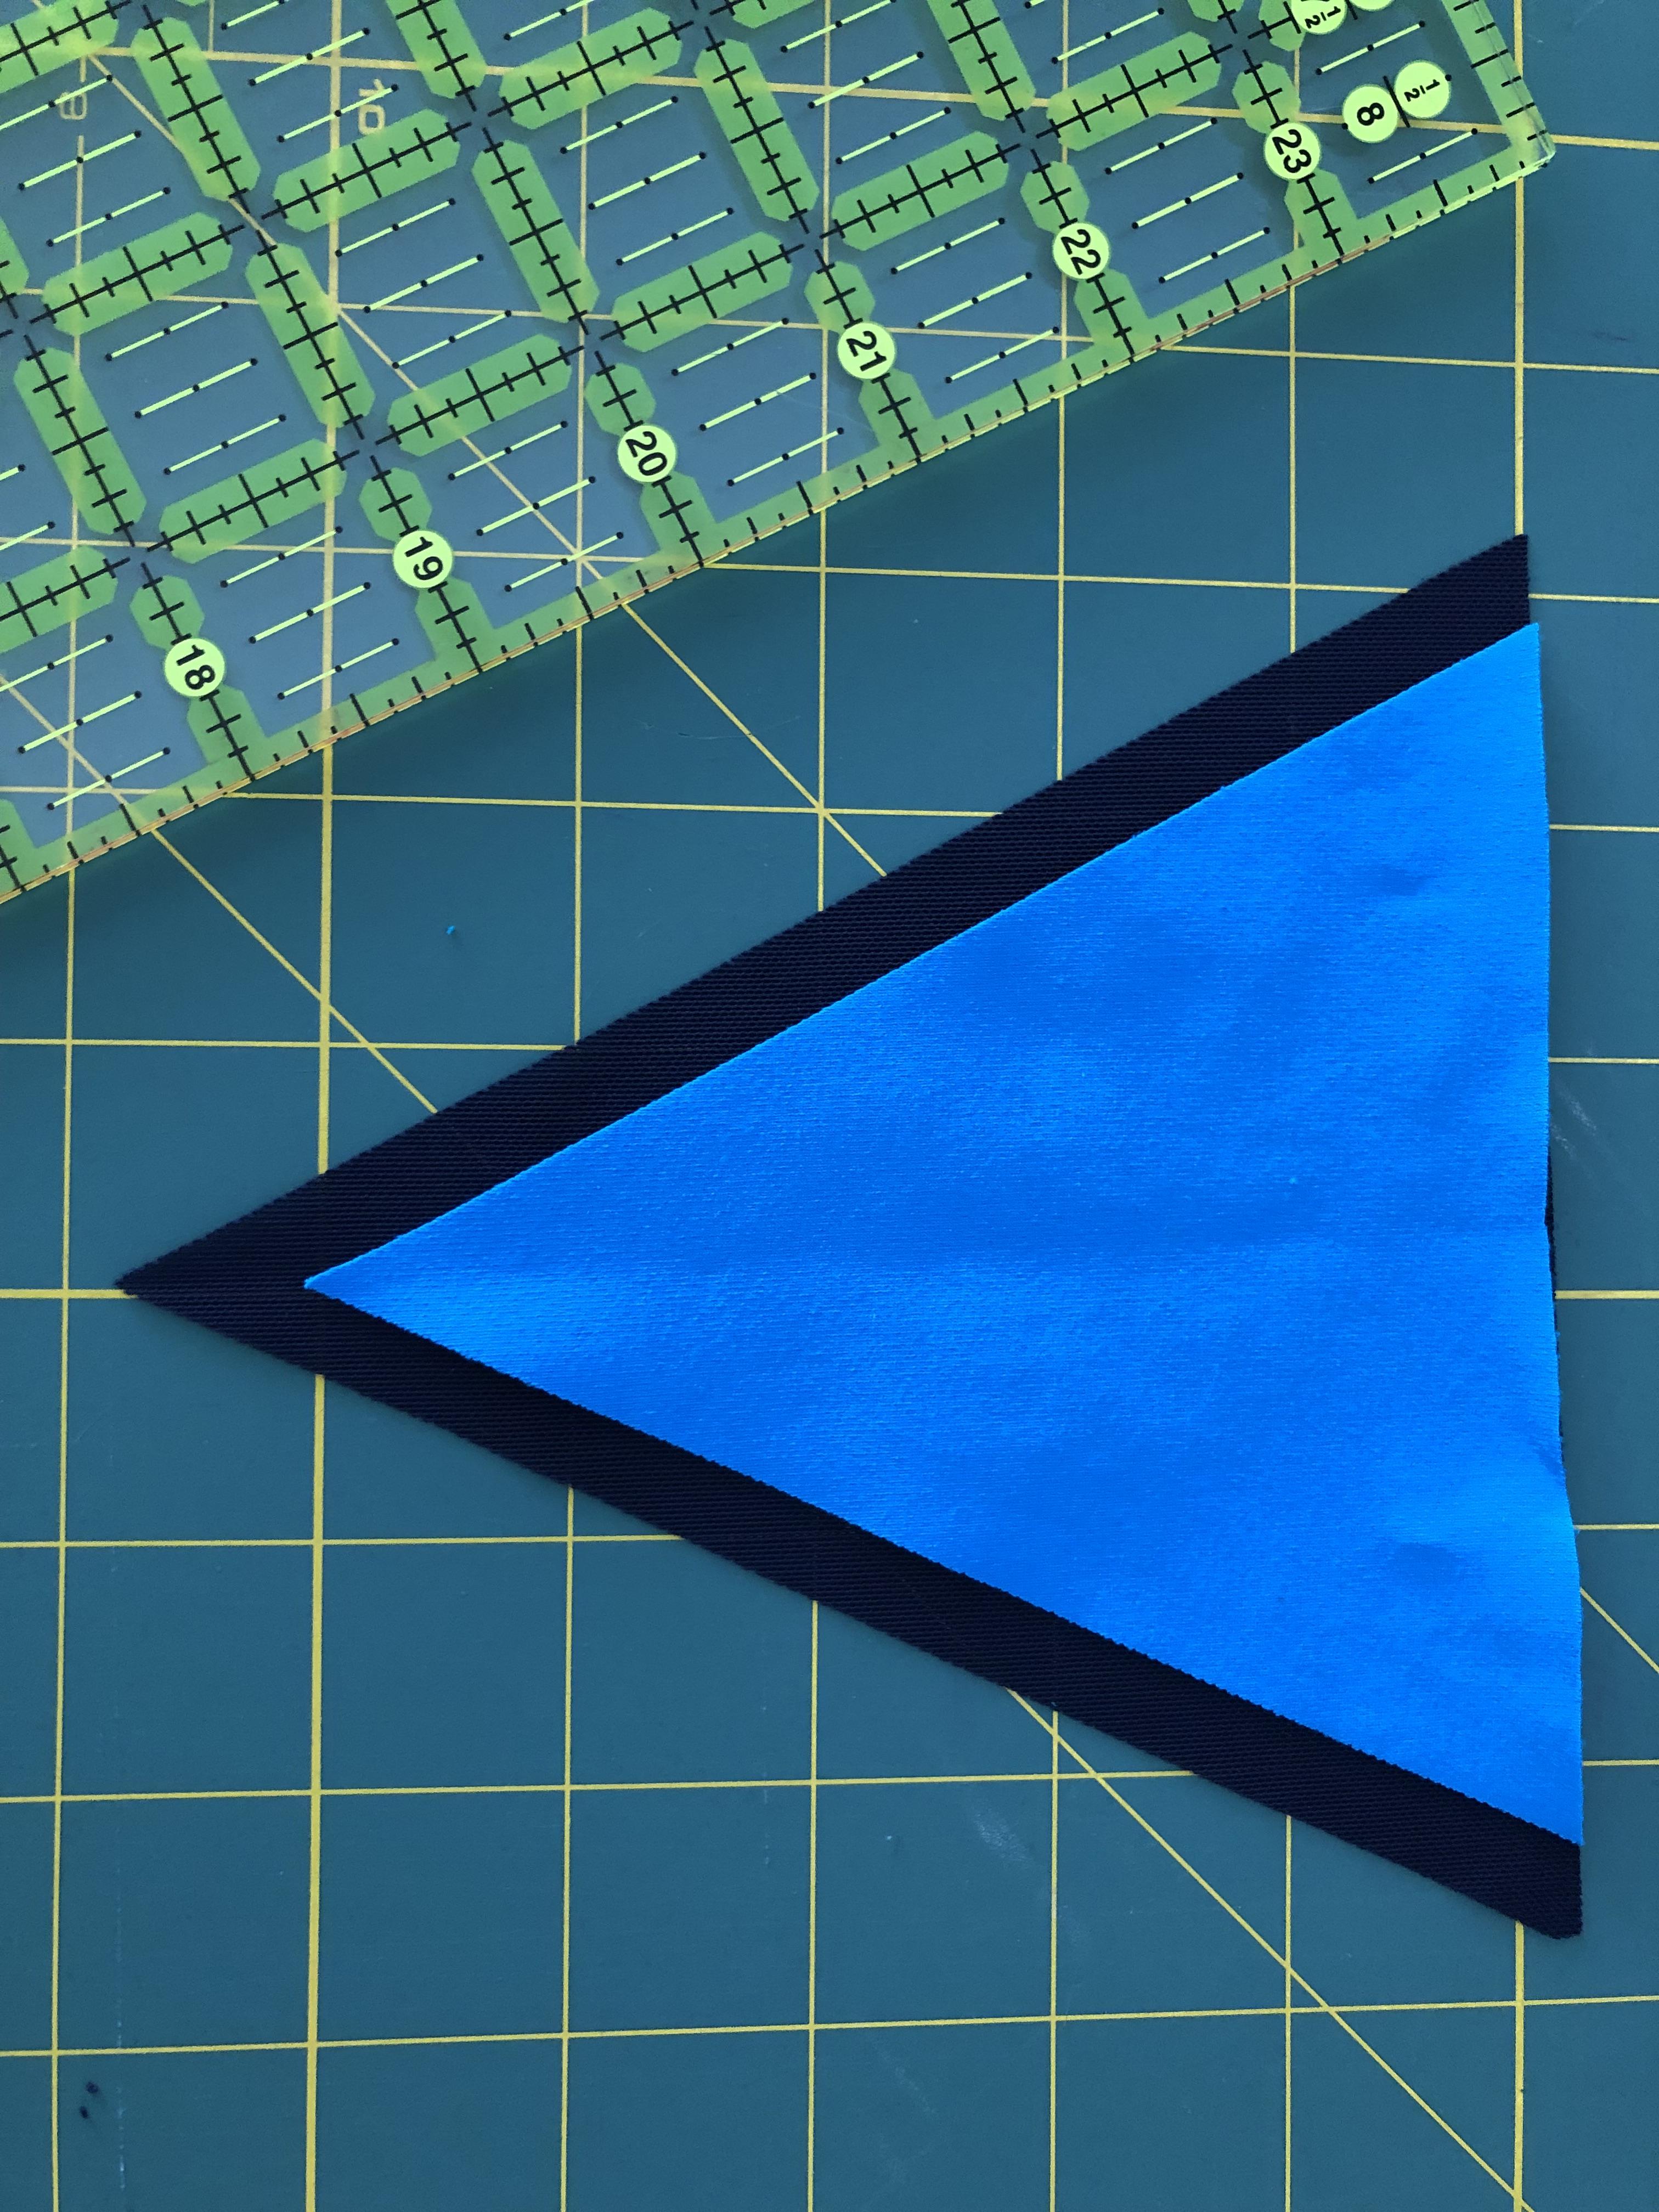 Esc triangles